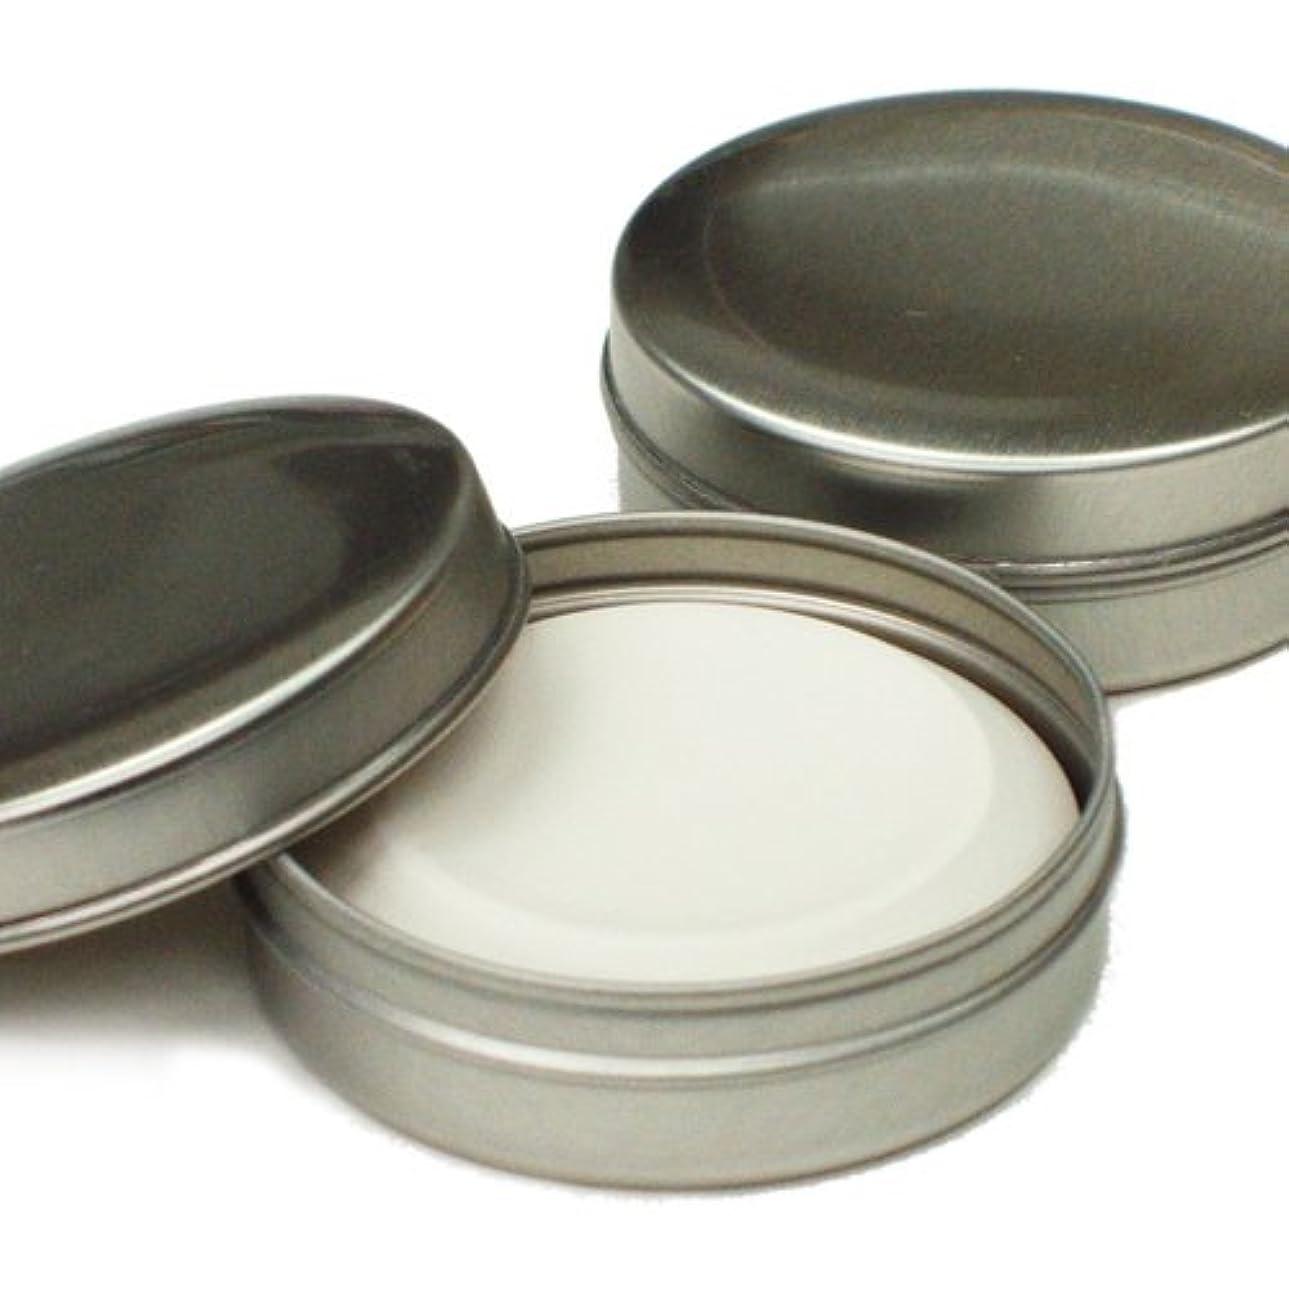 海港トリクル靄アロマストーン アロマプレート アルミ缶入 2個セット 日本製 素焼き 陶器 アロマディフューザー